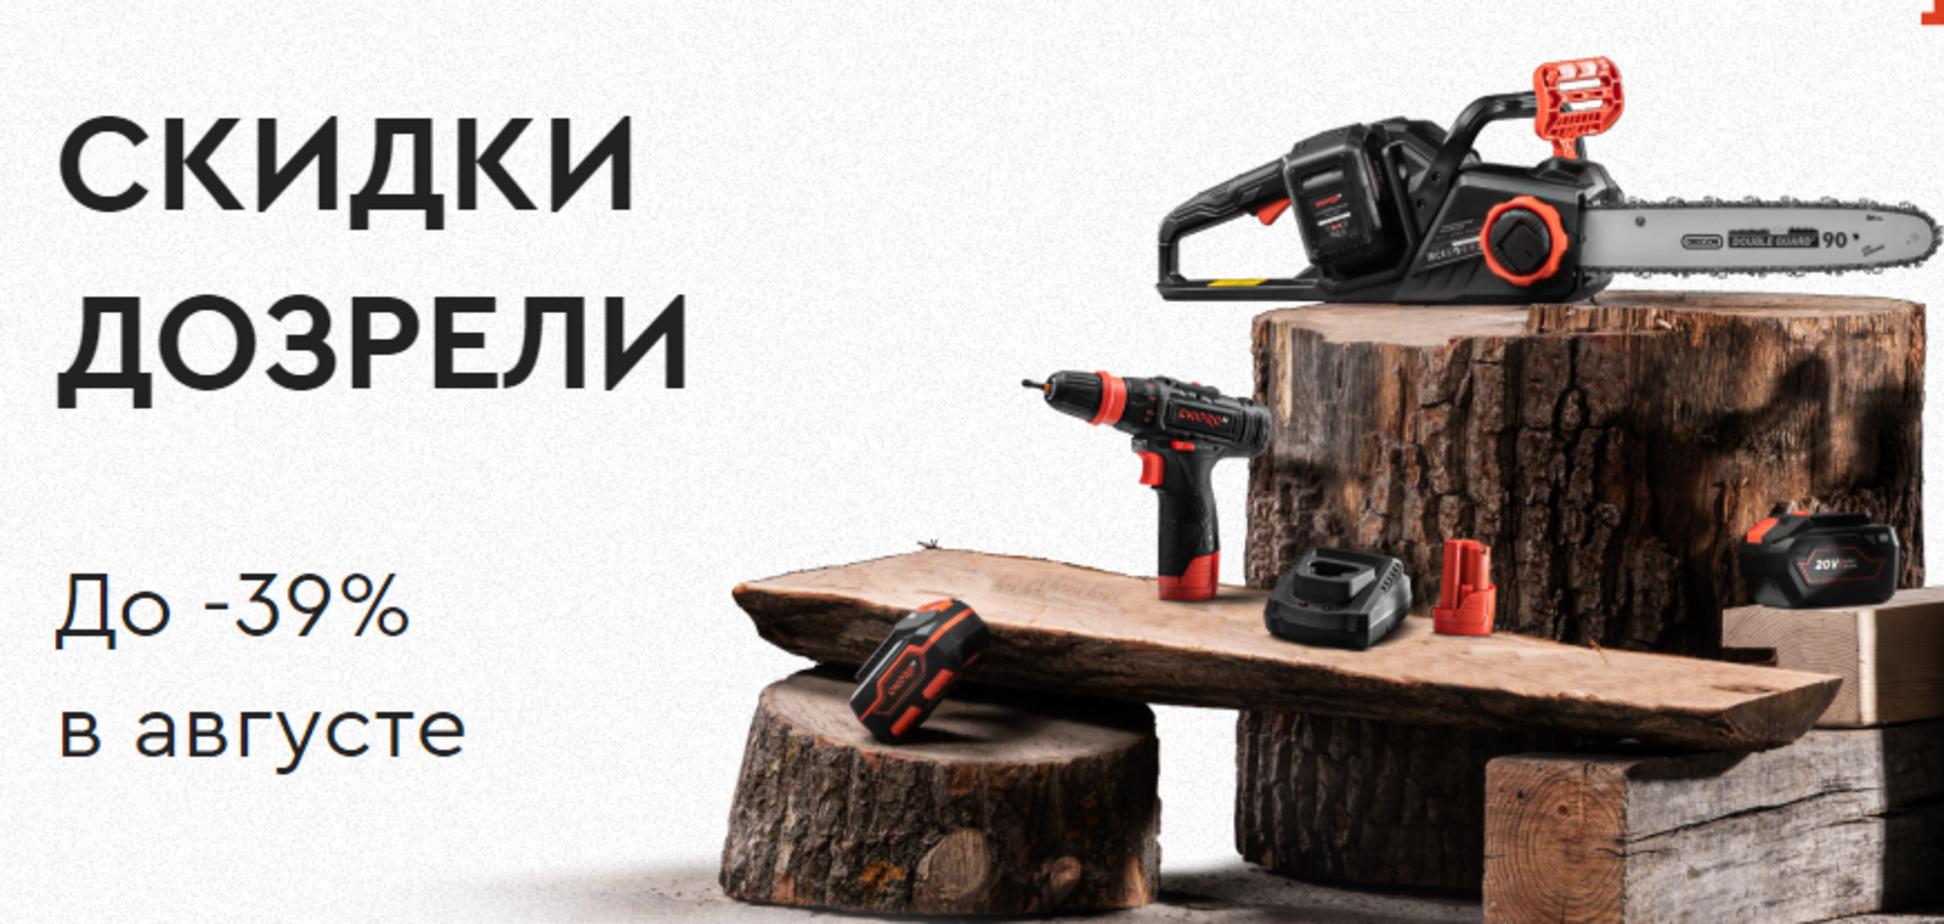 Знижки до 39%: Dnipro-M влаштував великий розпродаж електроінструментів